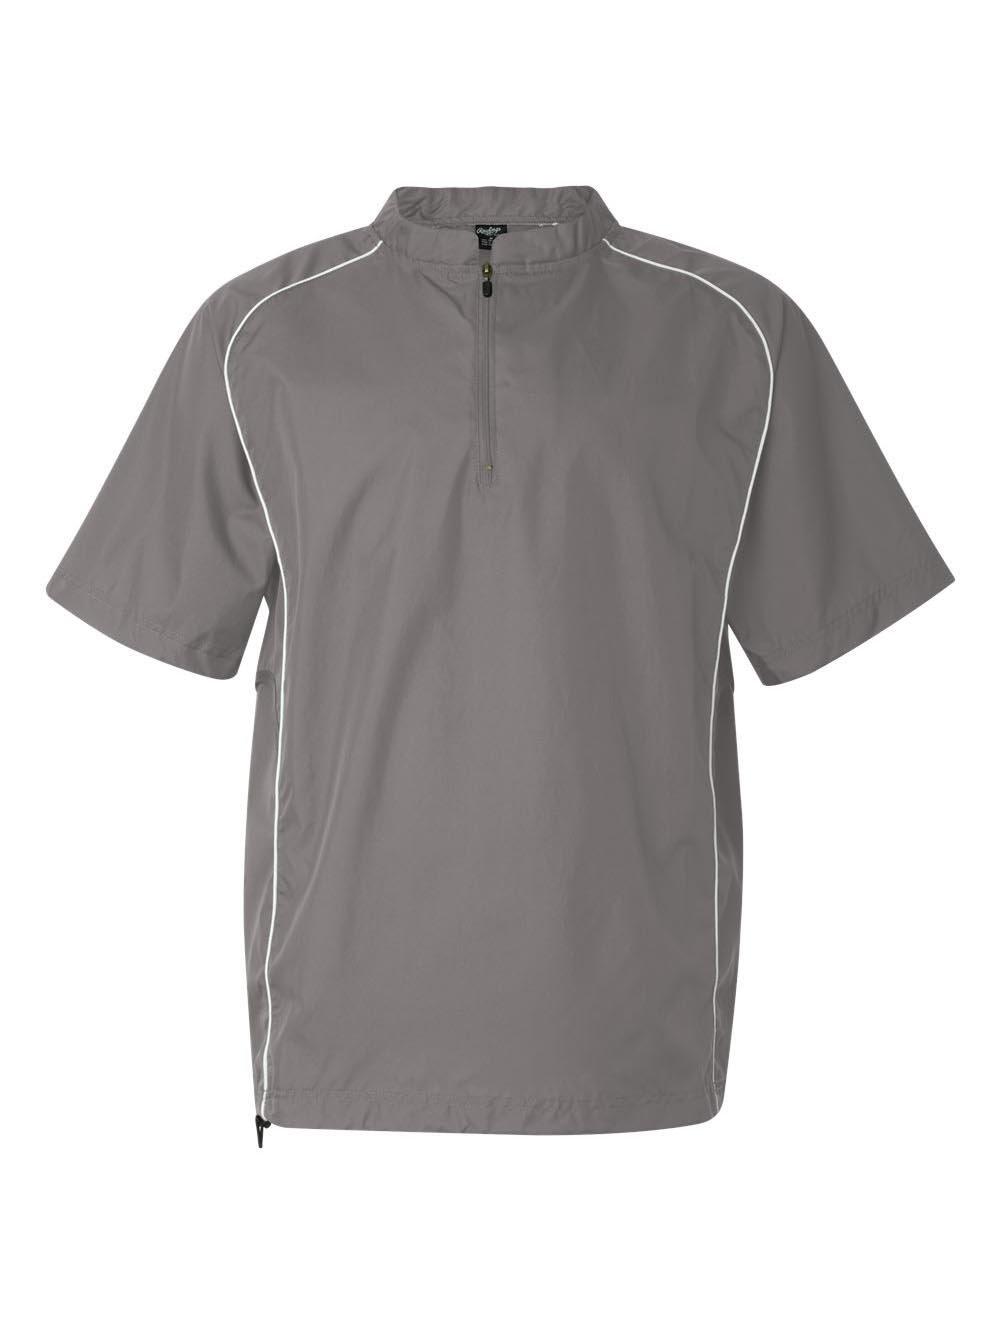 Rawlings Short Sleeve 1/4 Zip Pullover, M, Steel by Rawlings